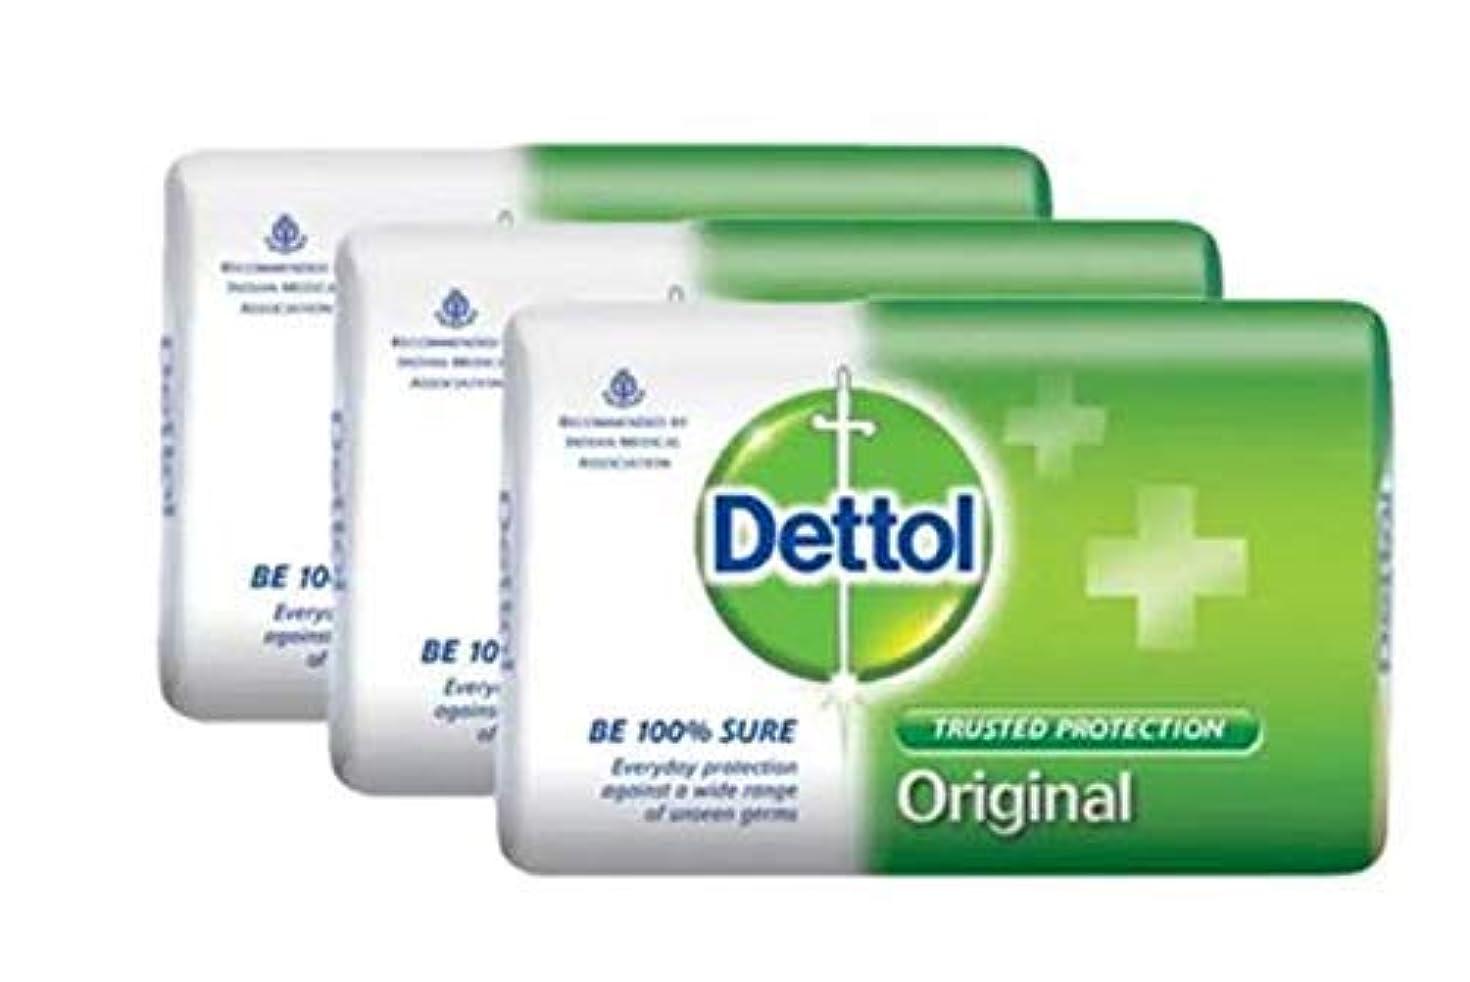 幽霊バイアスジャグリングDettol 固形石鹸オリジナル4x105g-は、信頼Dettol保護から目に見えない細菌の広い範囲を提供しています。これは、皮膚の衛生と清潔を浄化し、保護します